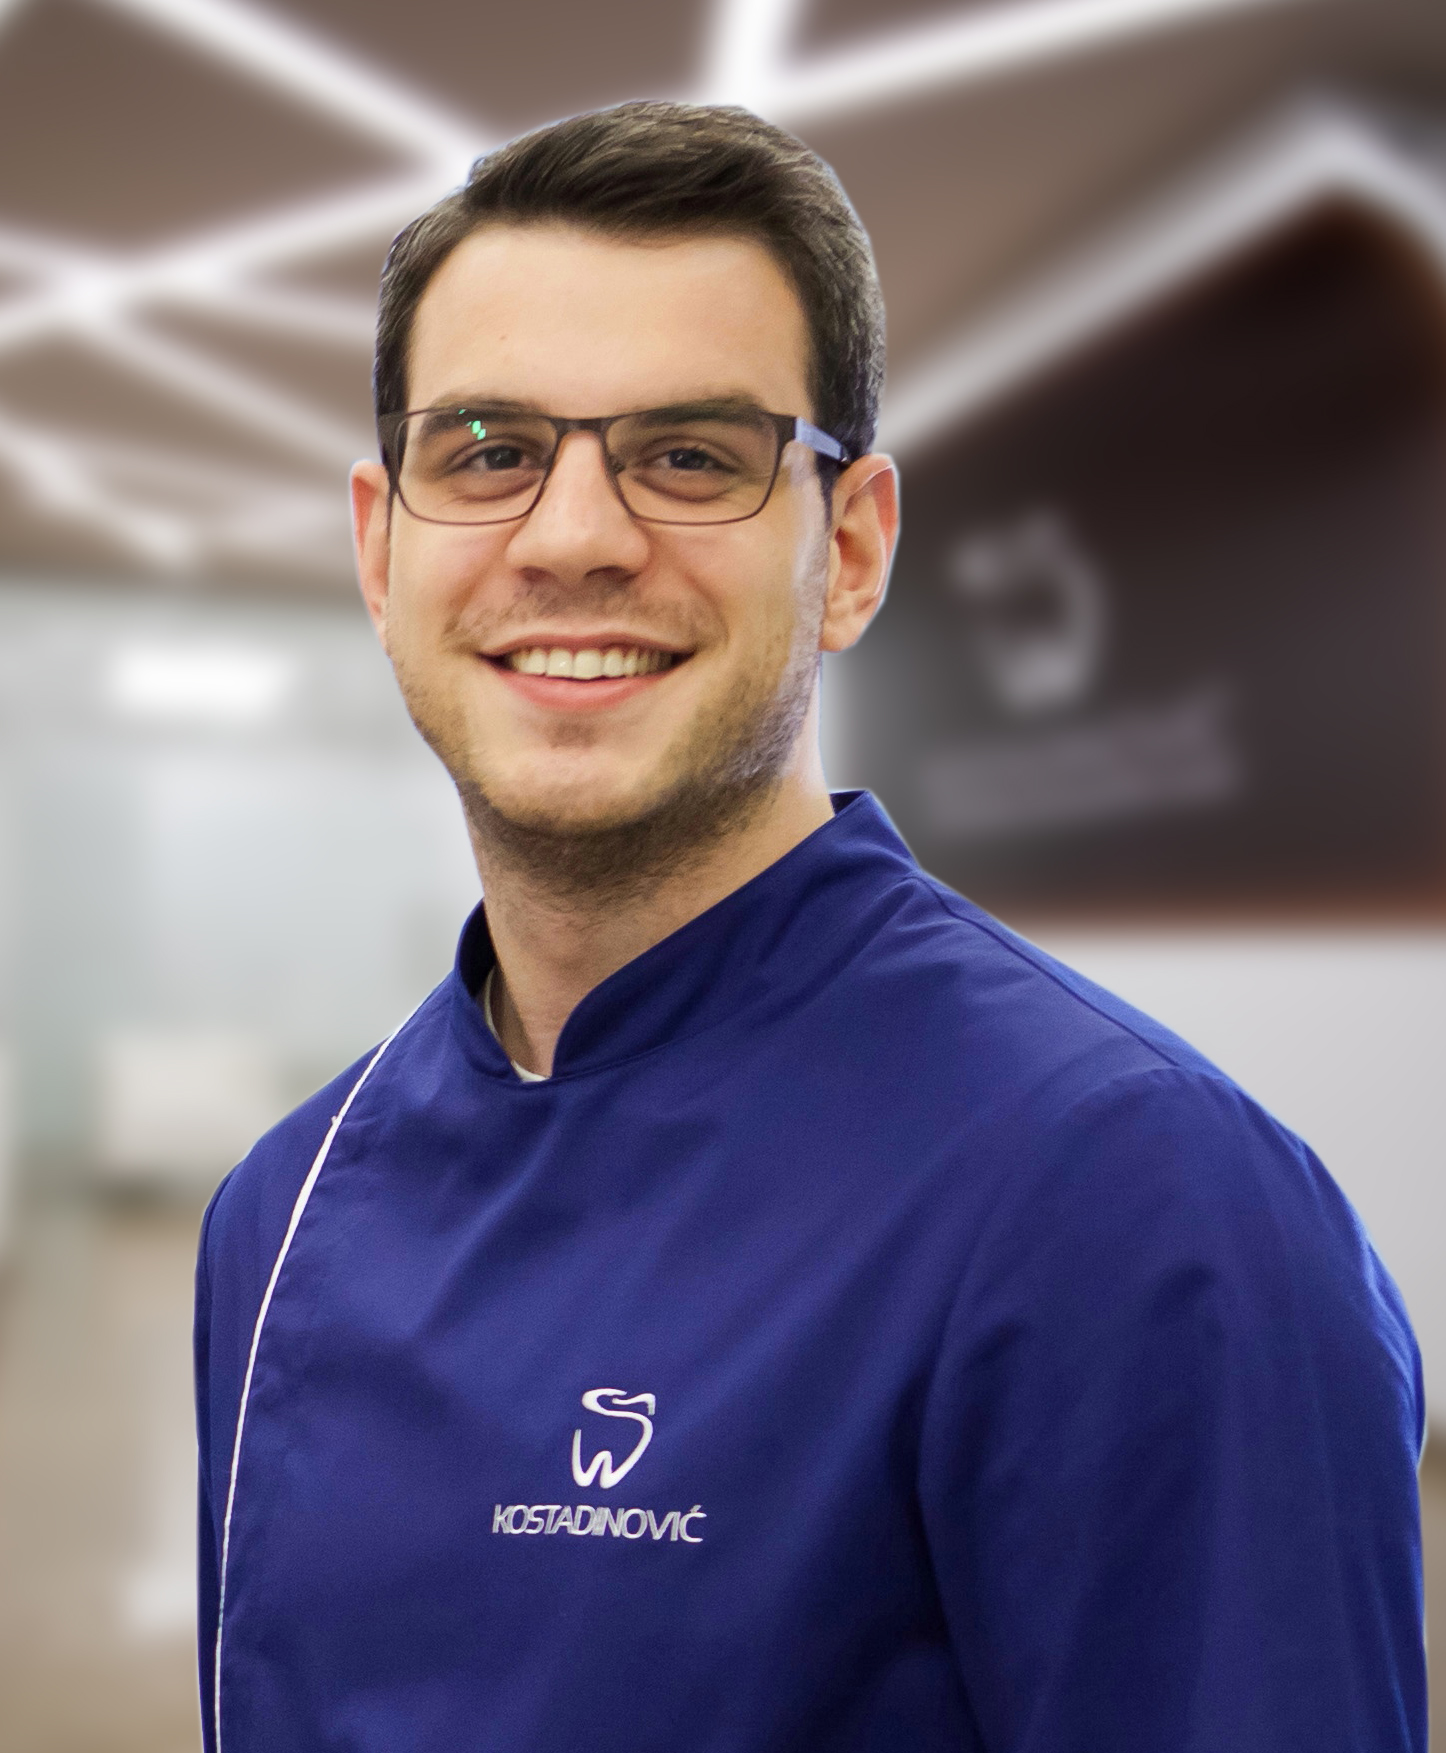 Dr Marko Kostadinović